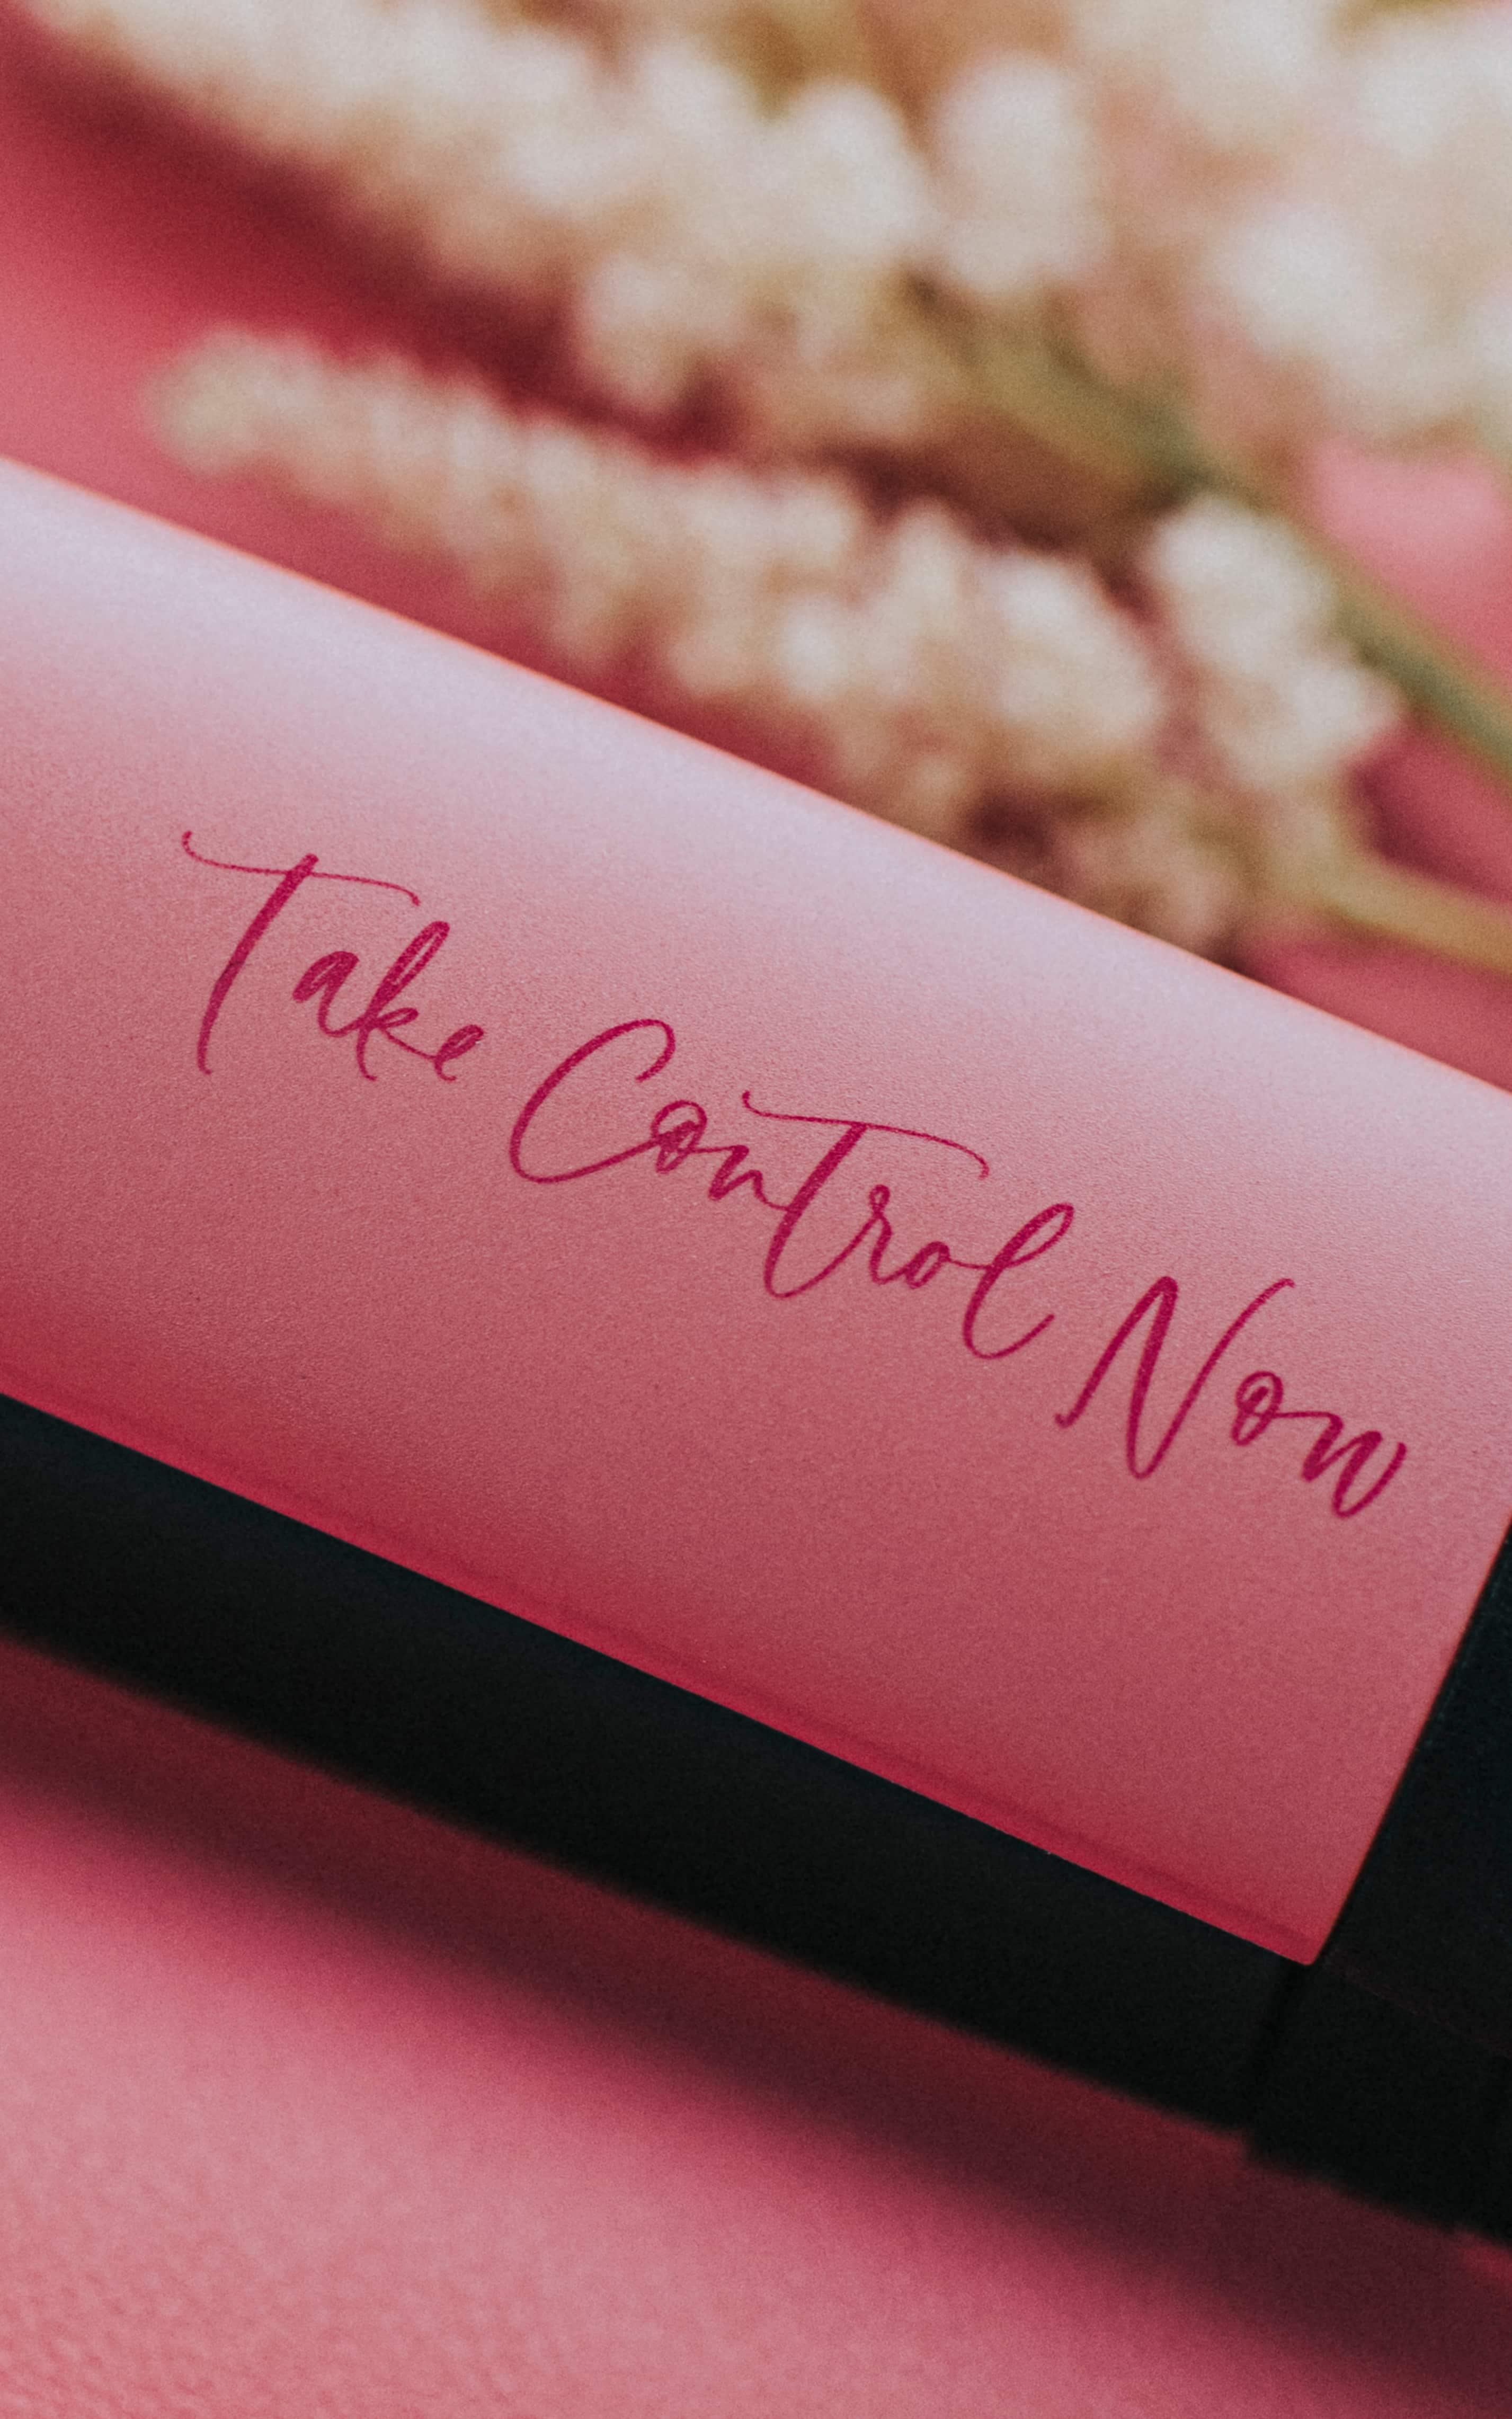 ENIE_Pink21_TakeControlNow_Hero_2563x1522.jpg